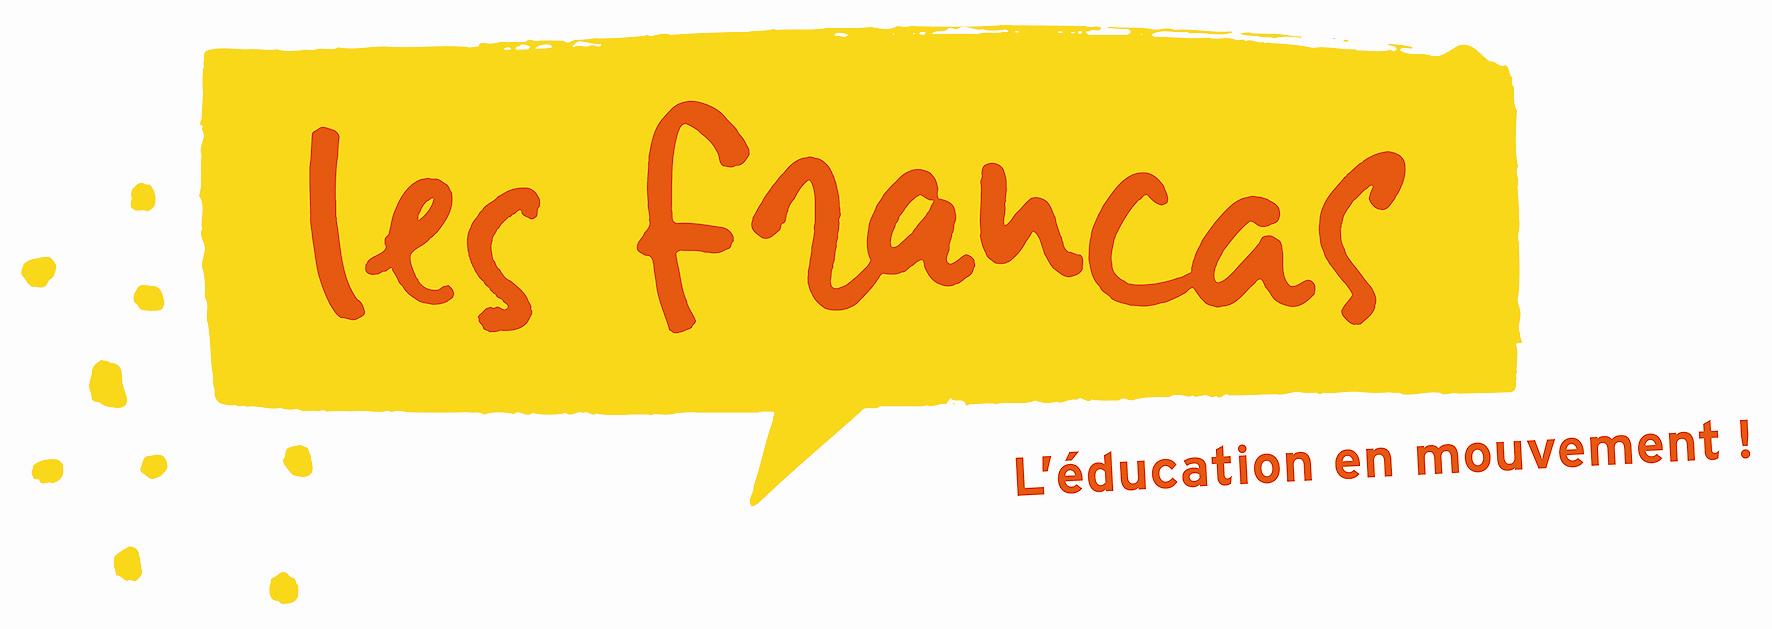 Assemblée Générale des Francas de l'Isère